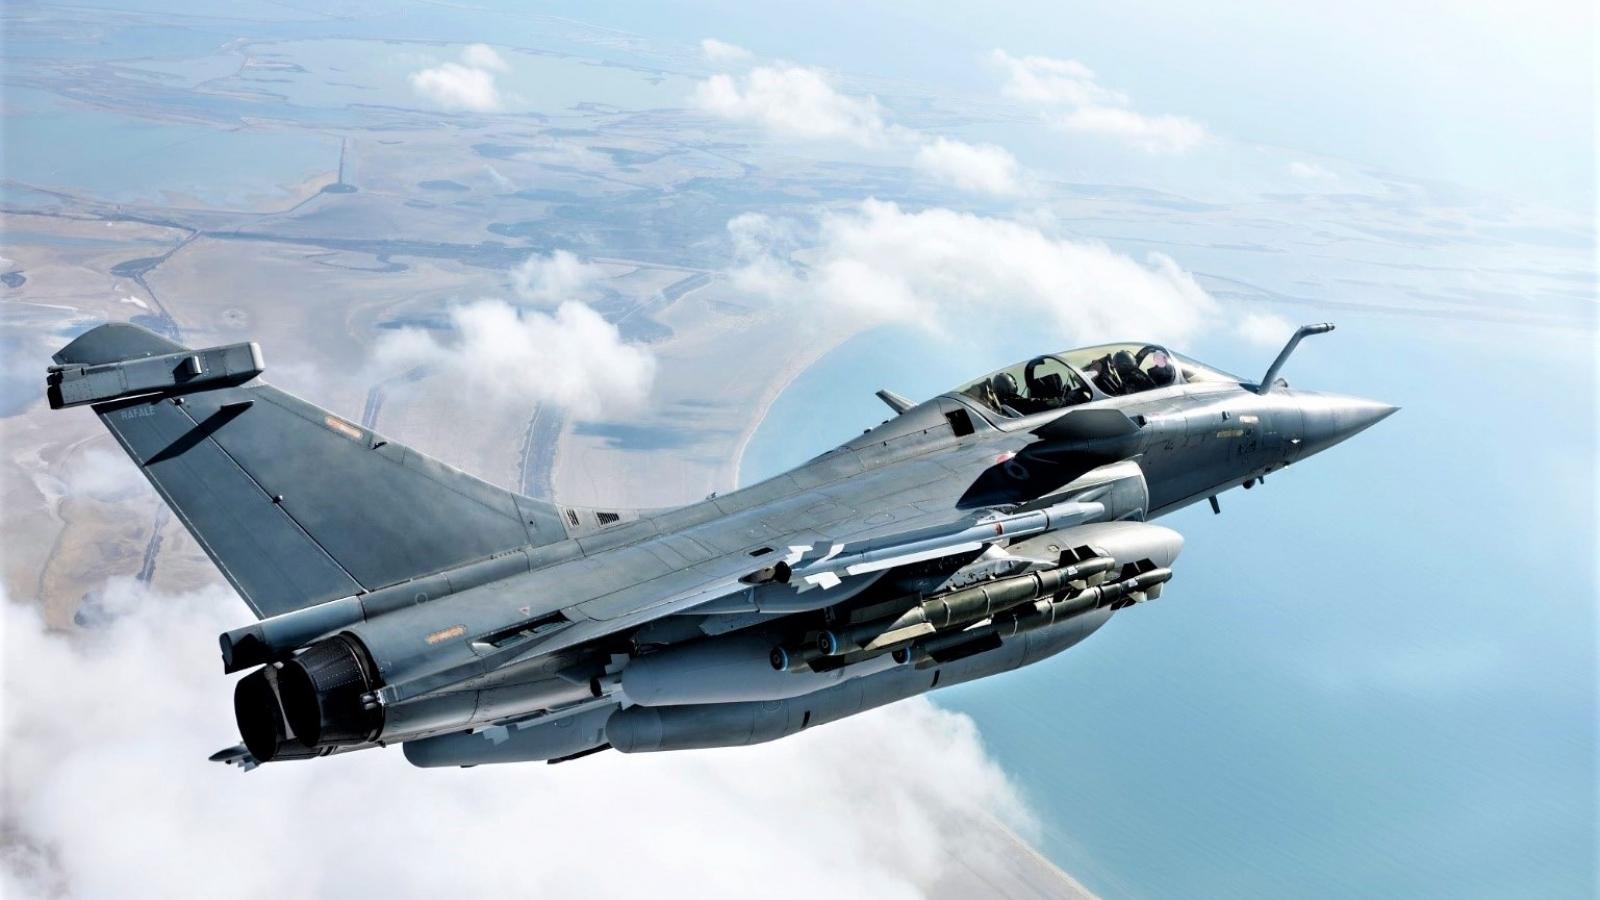 Lý do khiến Algeria bỏ ý định mua chiến đấu cơ Rafale để chọn Su-30MKA